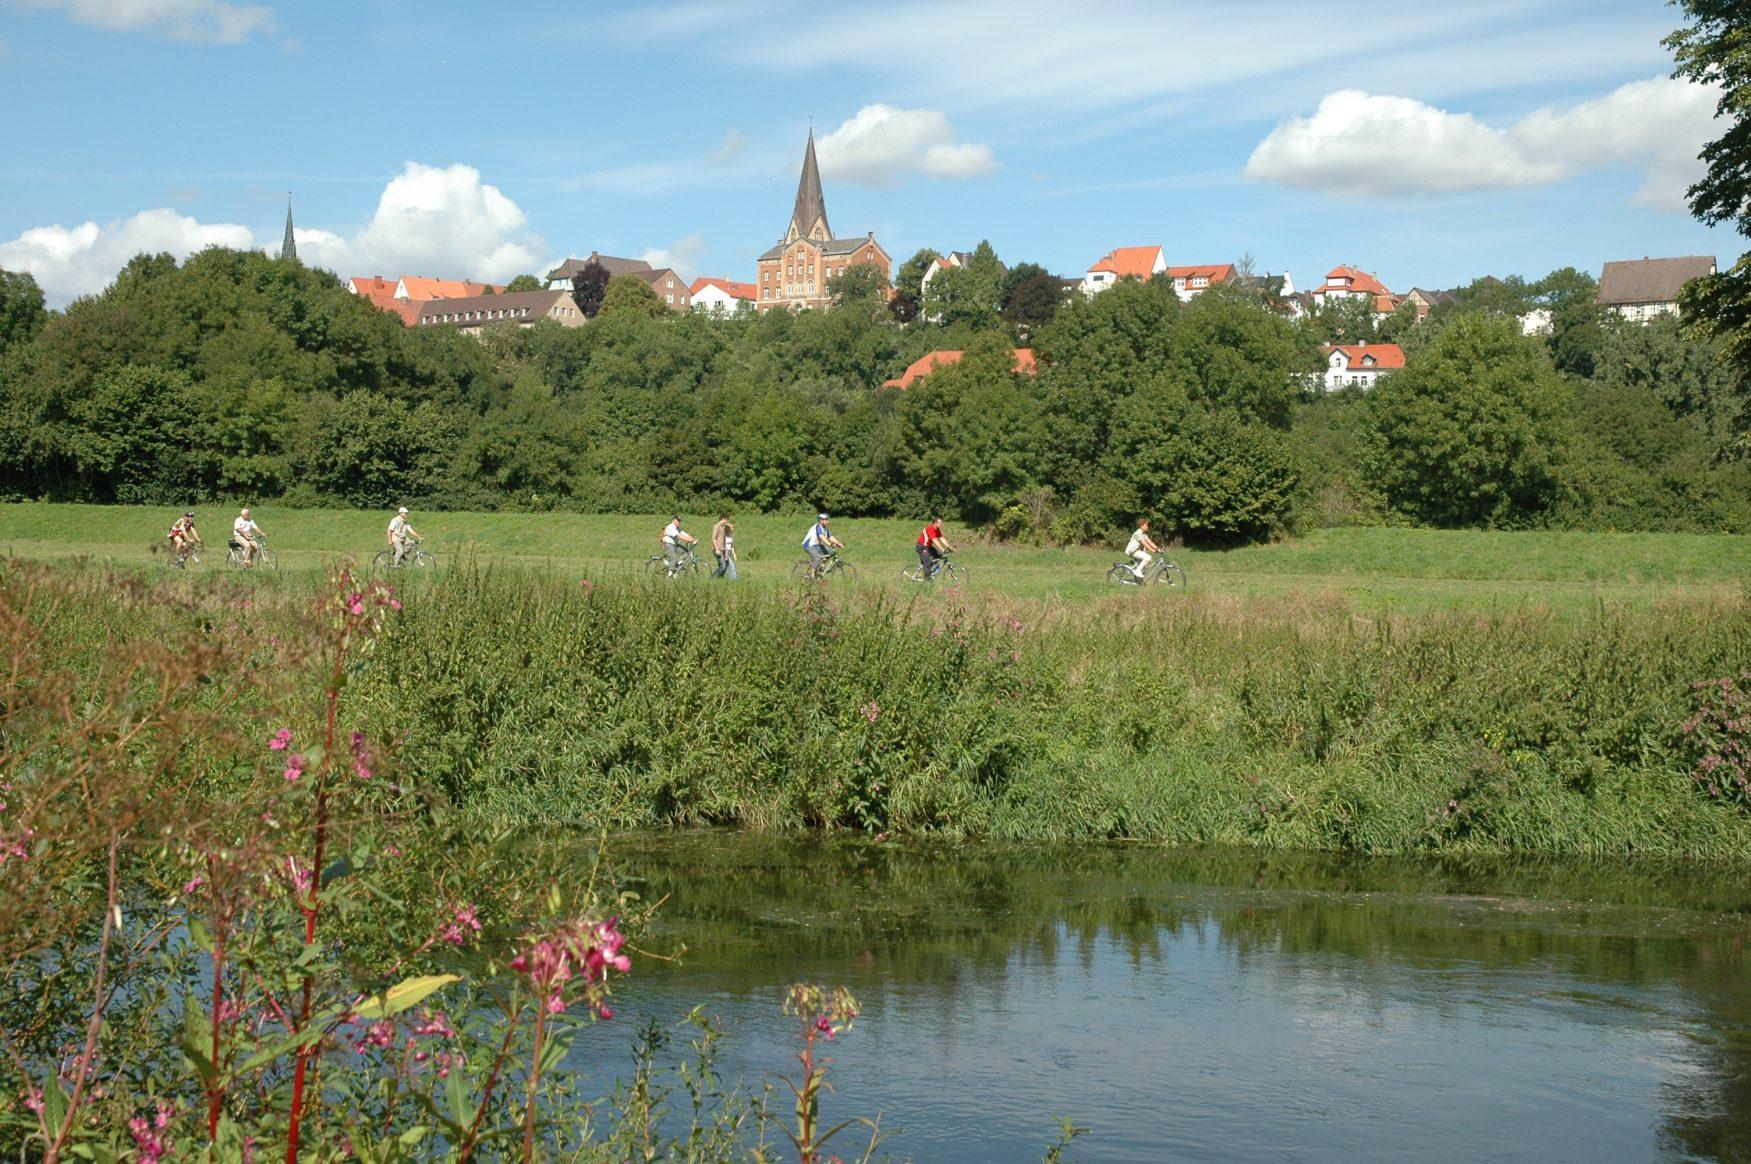 Am Diemelradweg in der Nähe von Warburg, Foto: Stadt Warburg